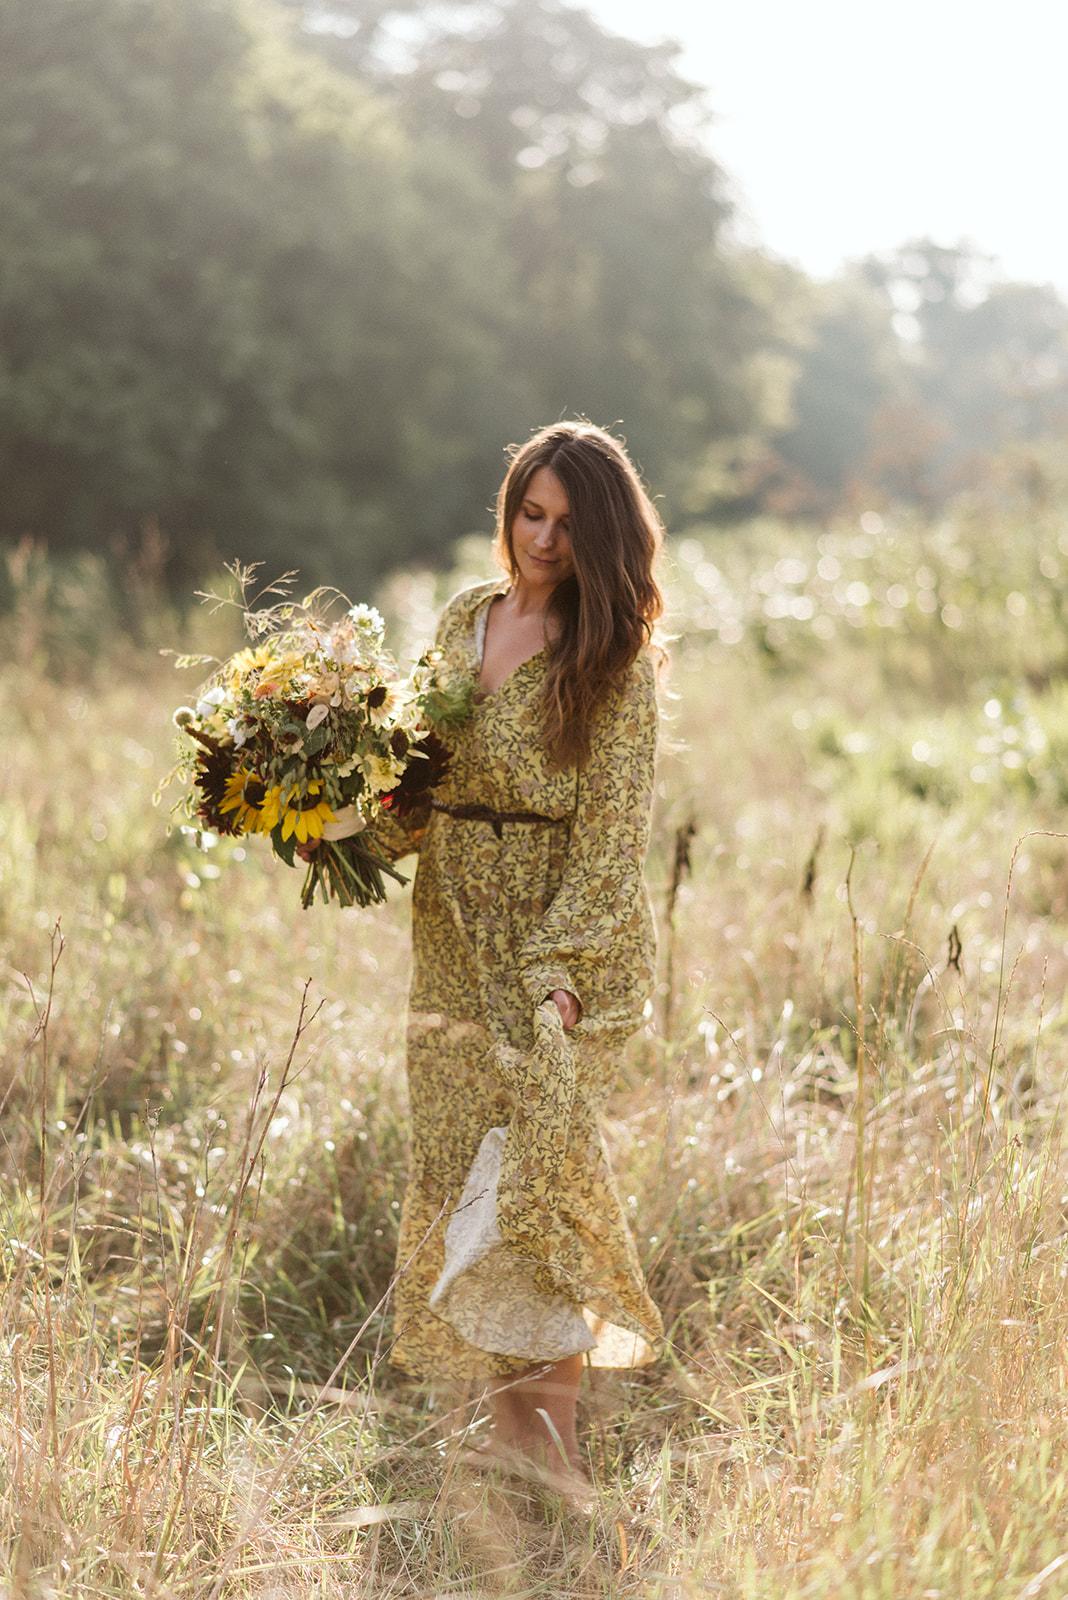 Hemlock_Hellebore_Sunflowers-25.jpg